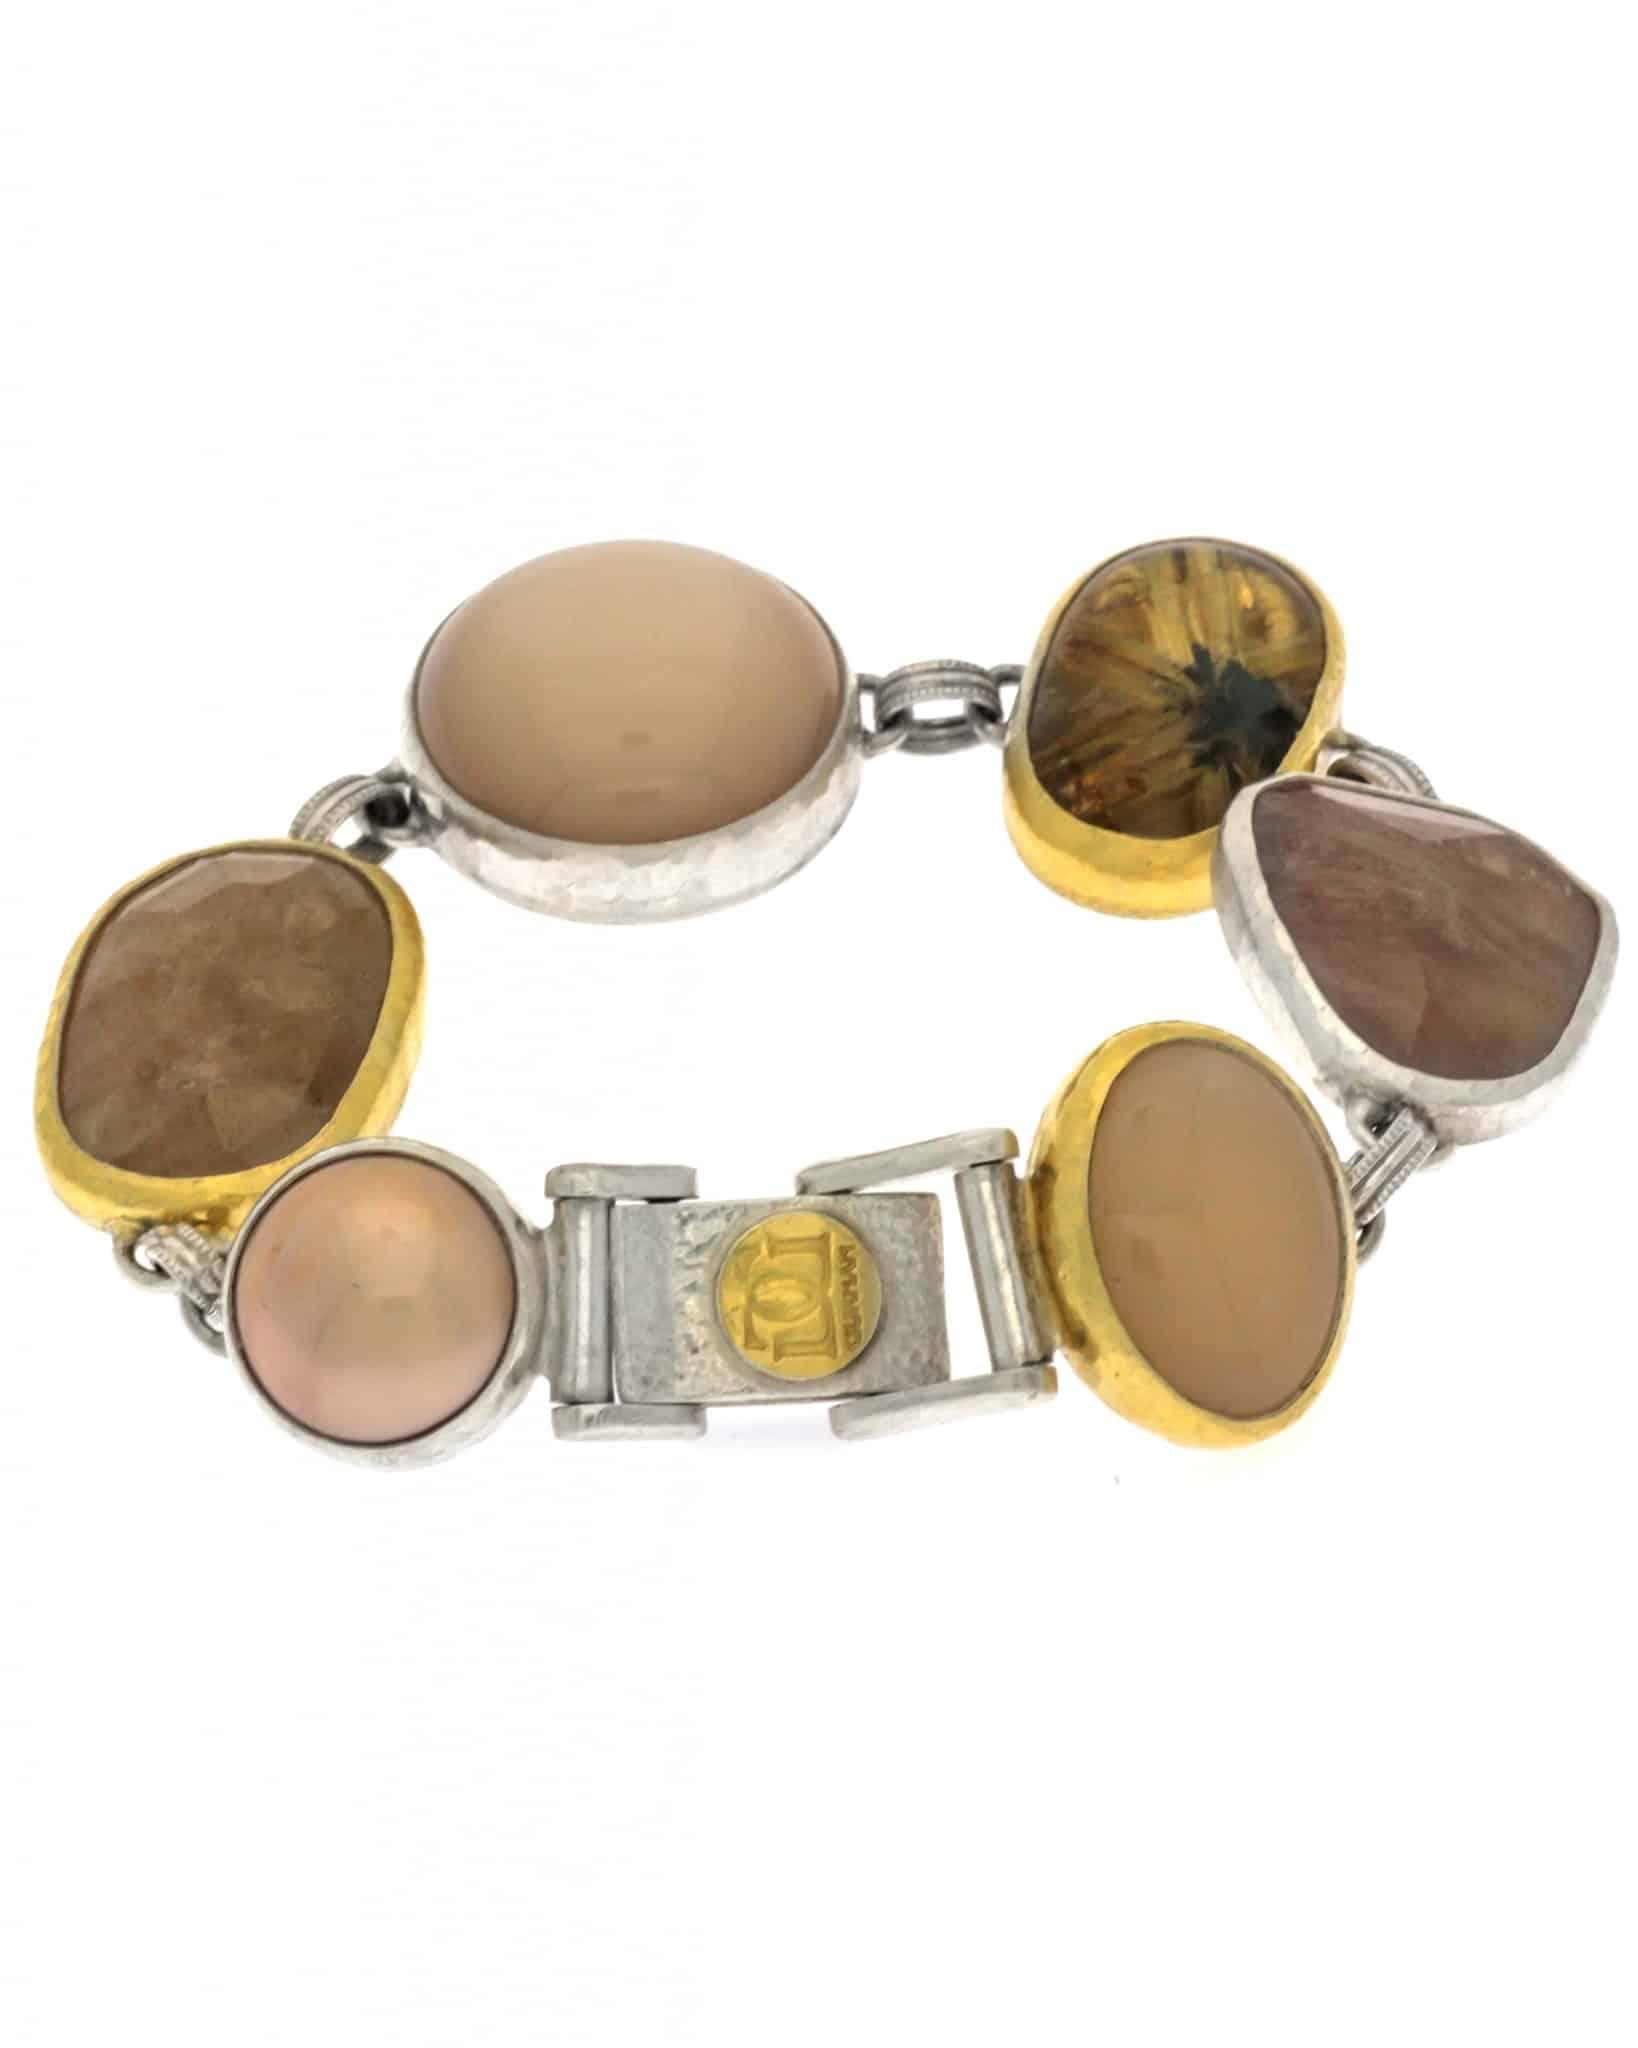 GURHAN Mixed Cabachon Stones Galapagos Bracelet 24K SB-U17371-MS